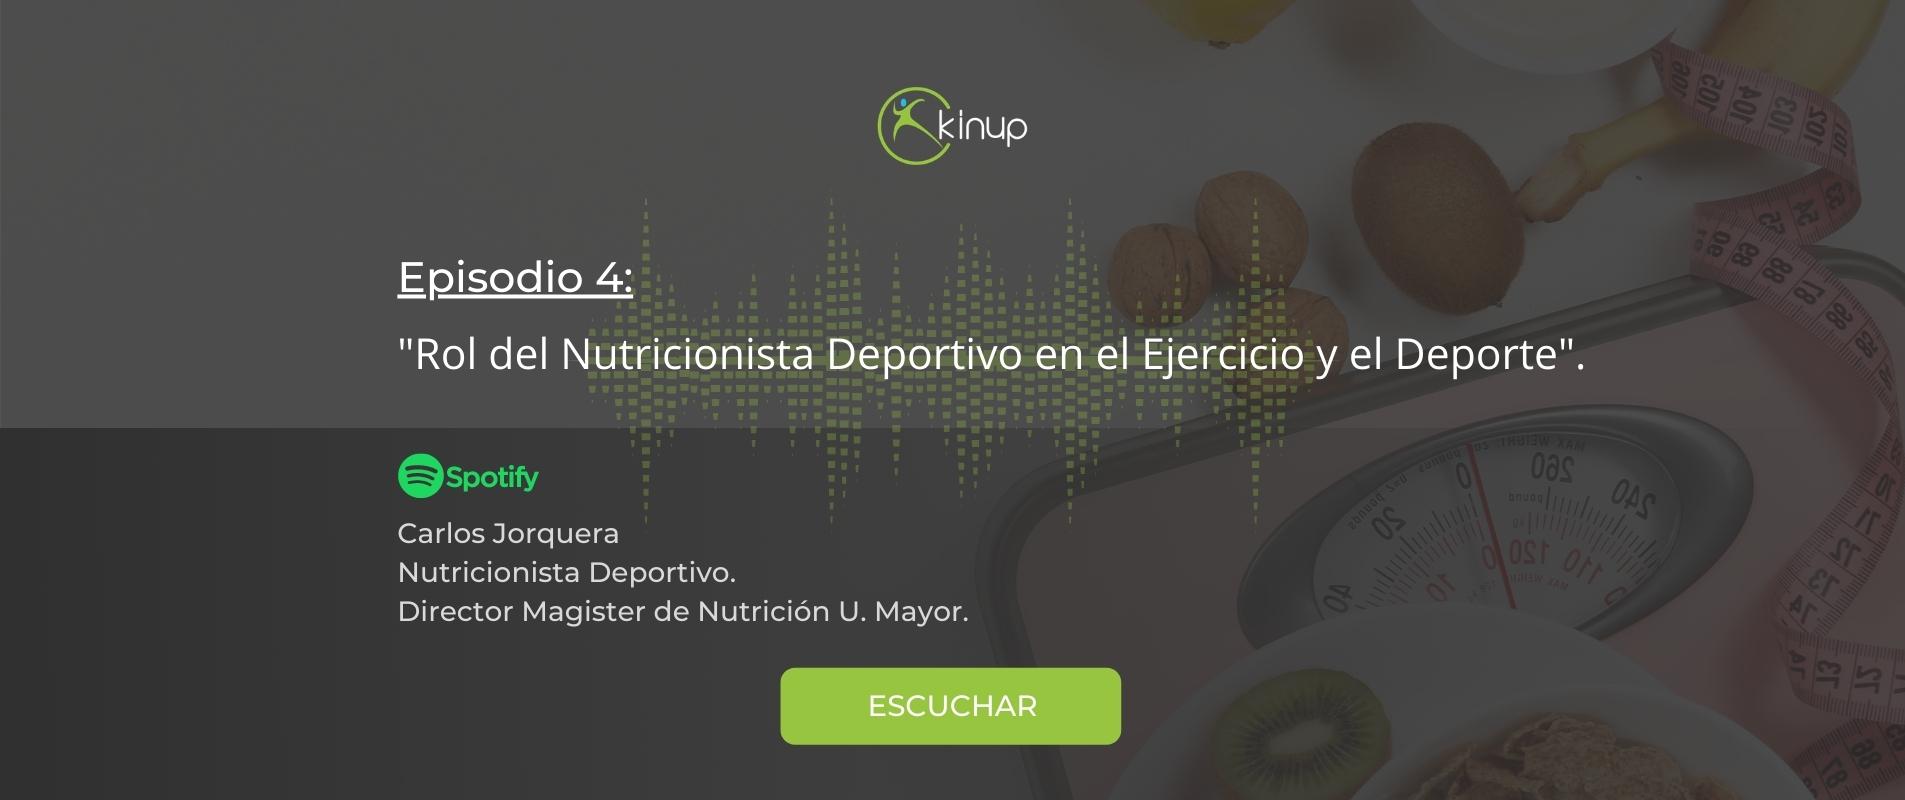 Podcast - Rol del Nutricionista Deportivo en el Ejercicio y el Deporte